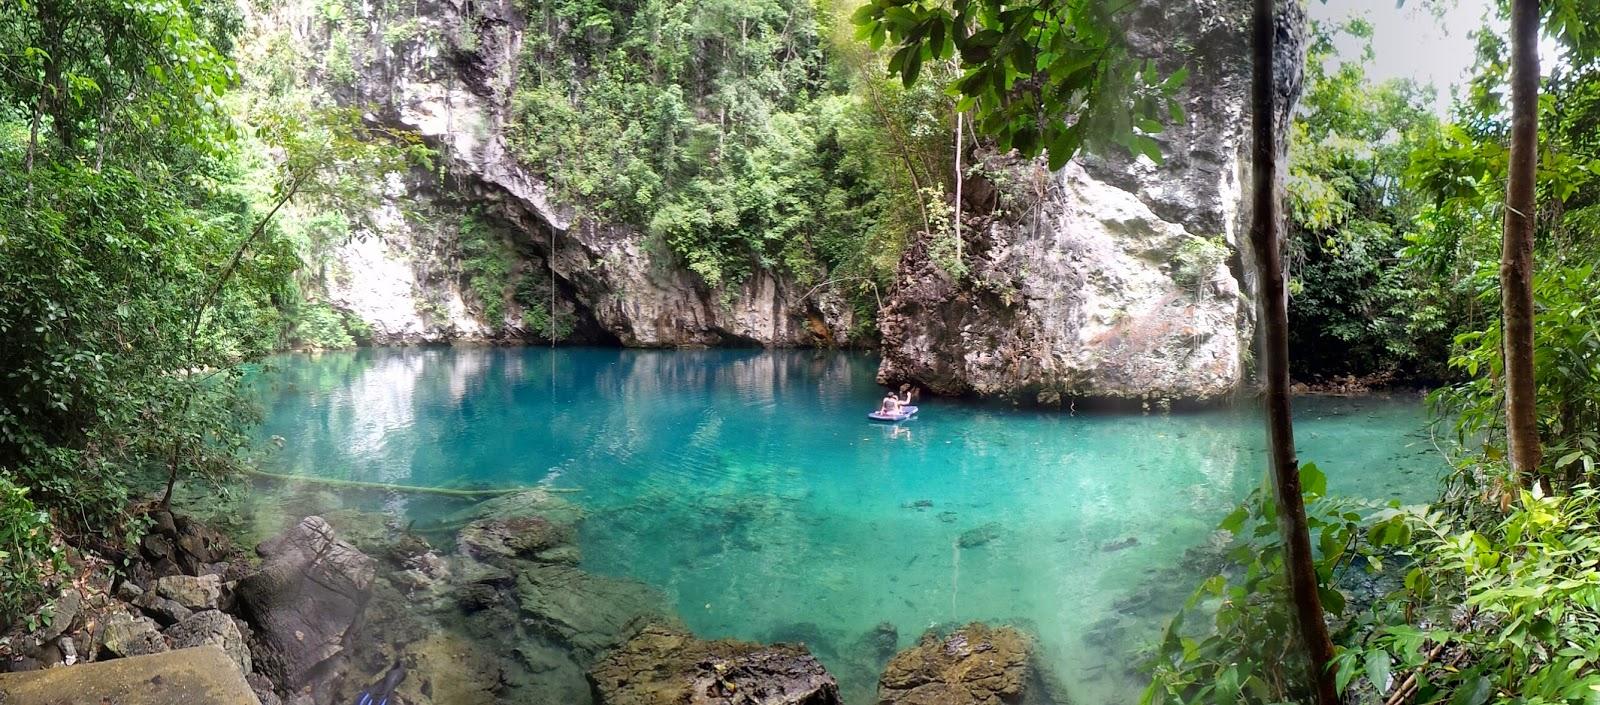 Danau Biru Sulawesi Tenggara